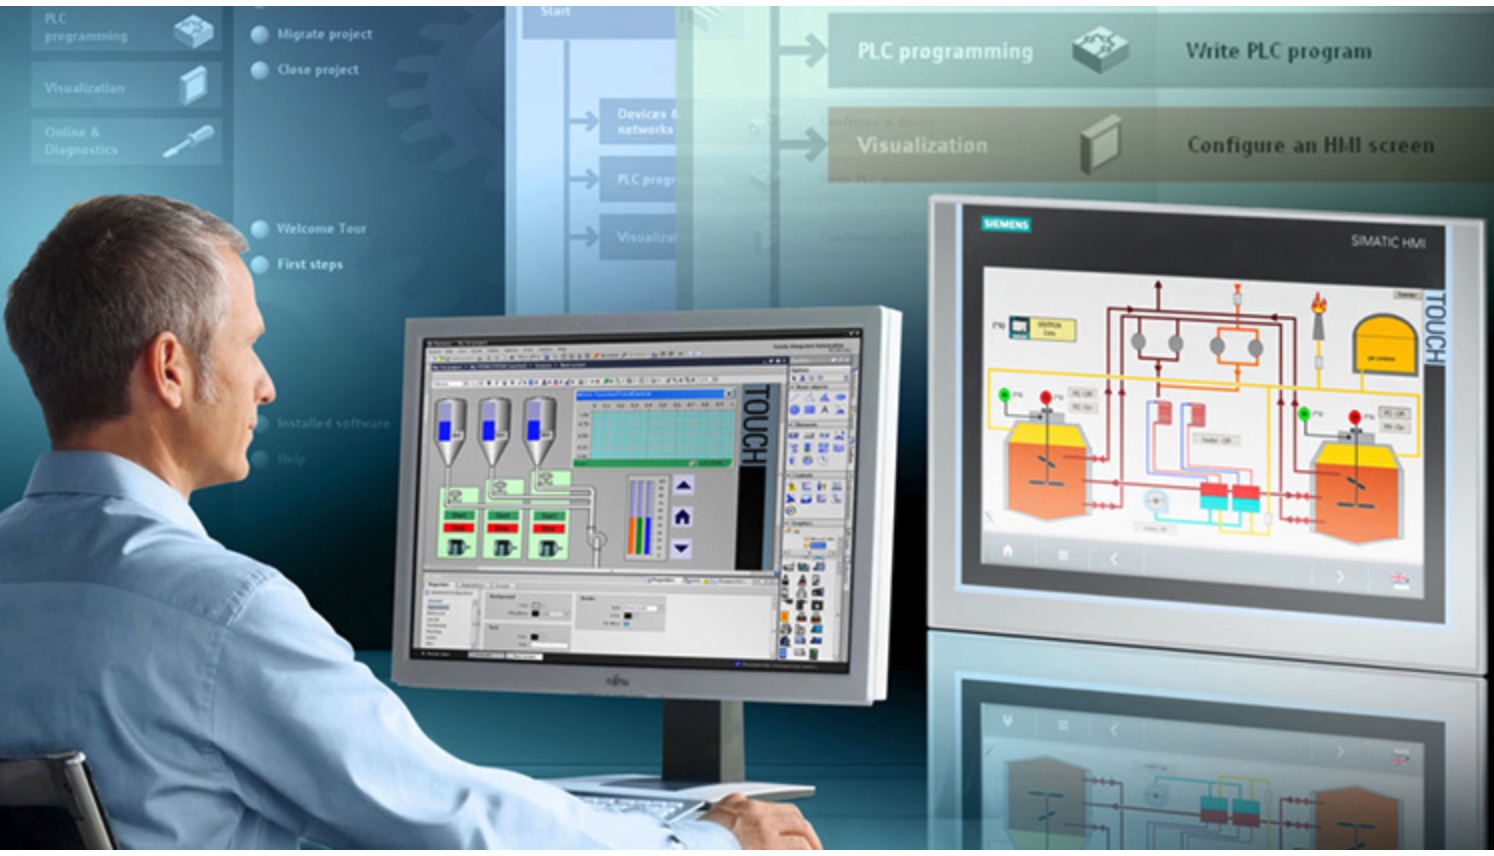 Các bước để lập trình cơ bản PLC là gì